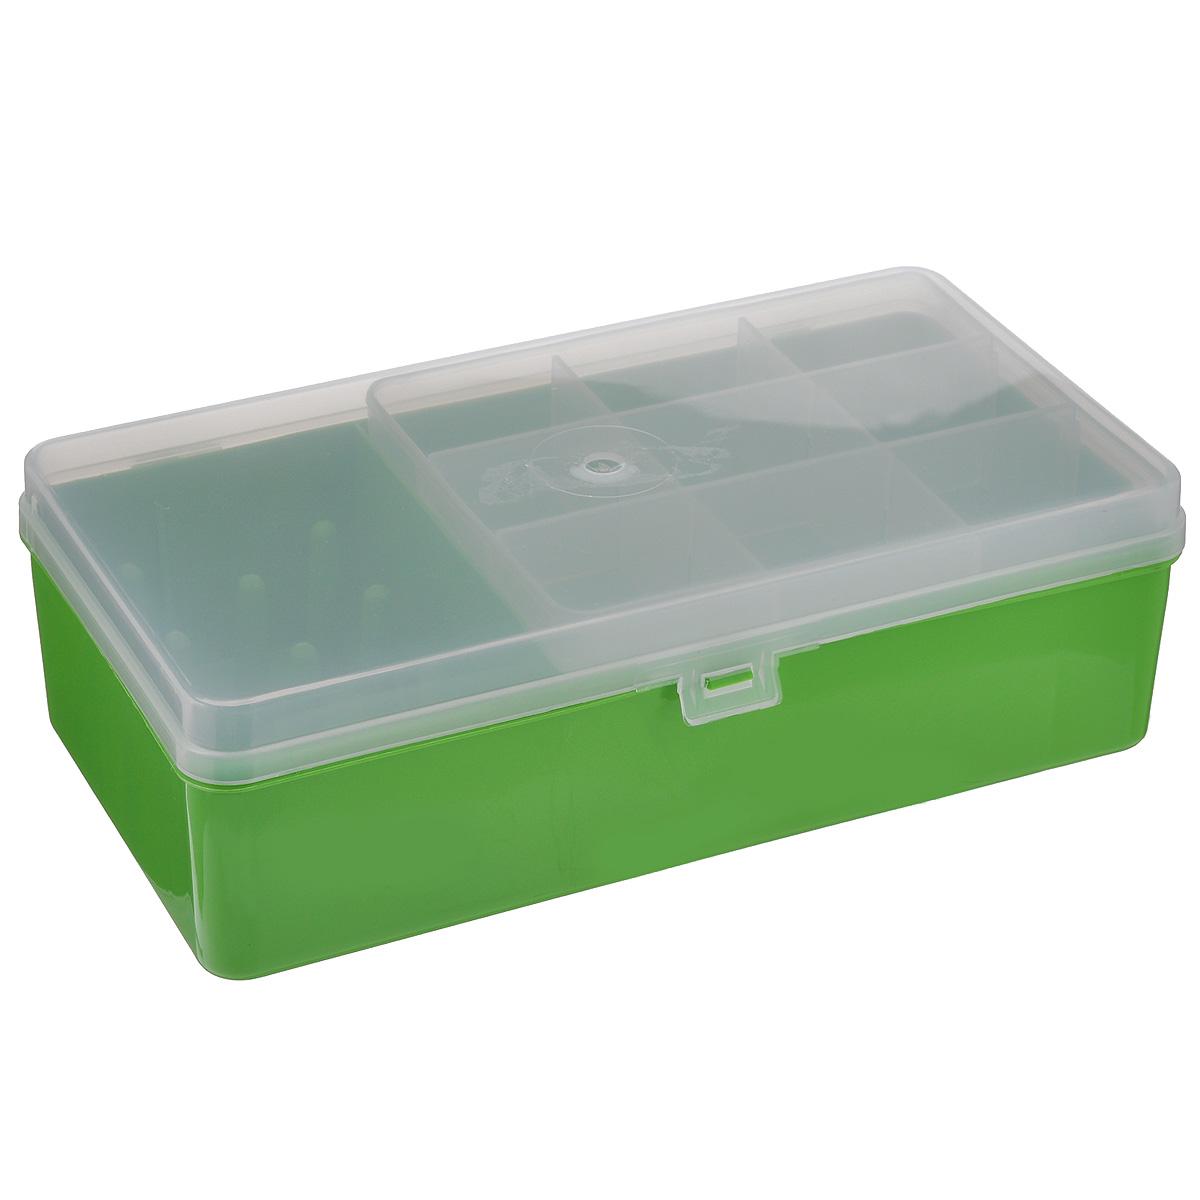 Коробка для мелочей Trivol, двухъярусная, цвет: прозрачный, салатовый, 21,2 см х 12,2 см х 6,7 смТИП-6_салатовыййКоробка Trivol изготовлена из высококачественного пластика. В ней есть отделение для катушек, а также двухъярусное отделение. Верхний ярус представляет собой съемное отделение, в котором содержится 9 прямоугольных ячеек. Нижний ярус выполнен в виде отделения прямоугольной формы без ячеек. Прозрачная крышка позволяет видеть содержимое коробки, которая прекрасно подойдет для хранения швейных принадлежностей, рыболовных снастей, мелких деталей и других бытовых мелочей. Удобный и надежный замок-защелка обеспечивает надежное закрывание крышки. Коробка легко моется и чистится. Такая коробка поможет держать вещи в порядке. Размеры отделений: Размер большого отделения: 13,5 см х 10,5 см х 5,3 см; Размер малого отделения: 7 см х 10,5 см х 5,3 см.